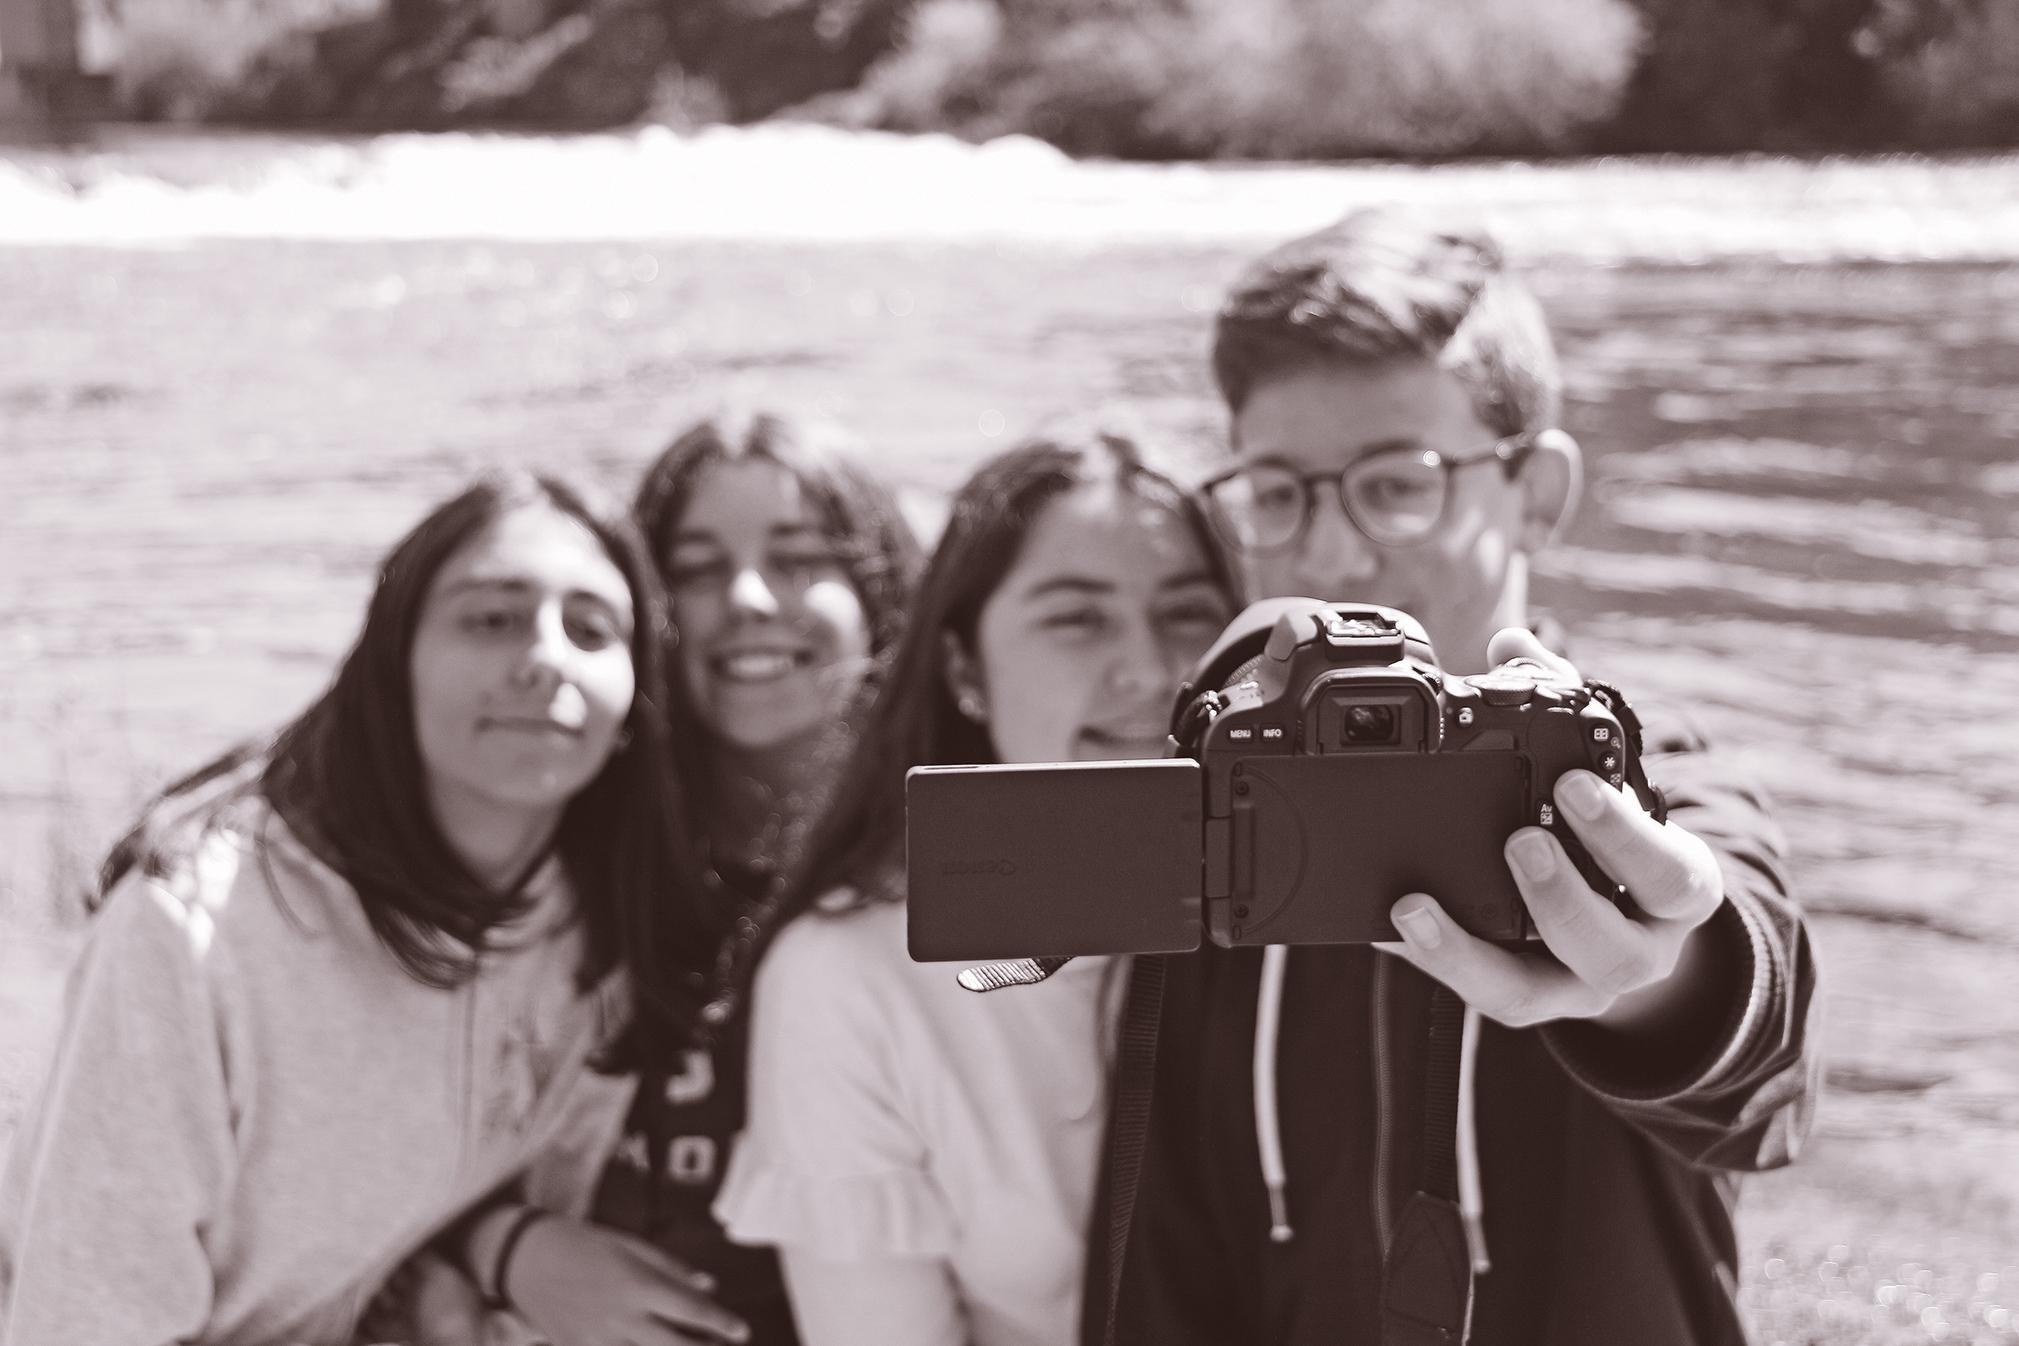 R.A.M. OFFICECAPHOTO.PT pelas férias escolares da Páscoa 2019 com Rimas ao Quadrado